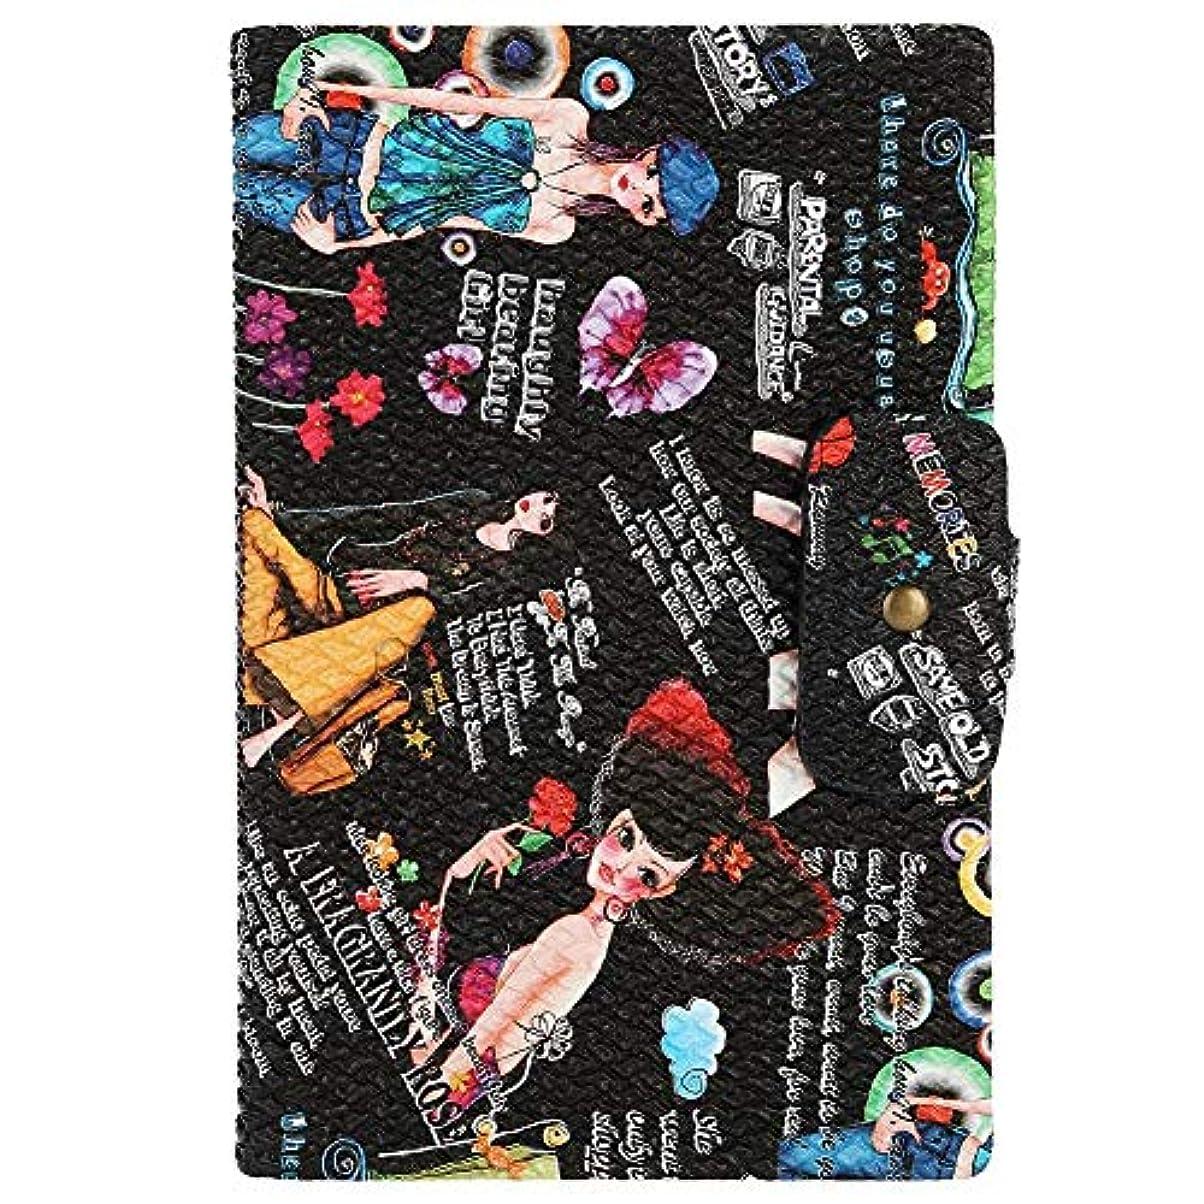 布光沢有毒なネイルアートディスプレイ カード マニキュア ディスプレイボード UVジェルディスプレイカードマニキュア練習ツール(02)